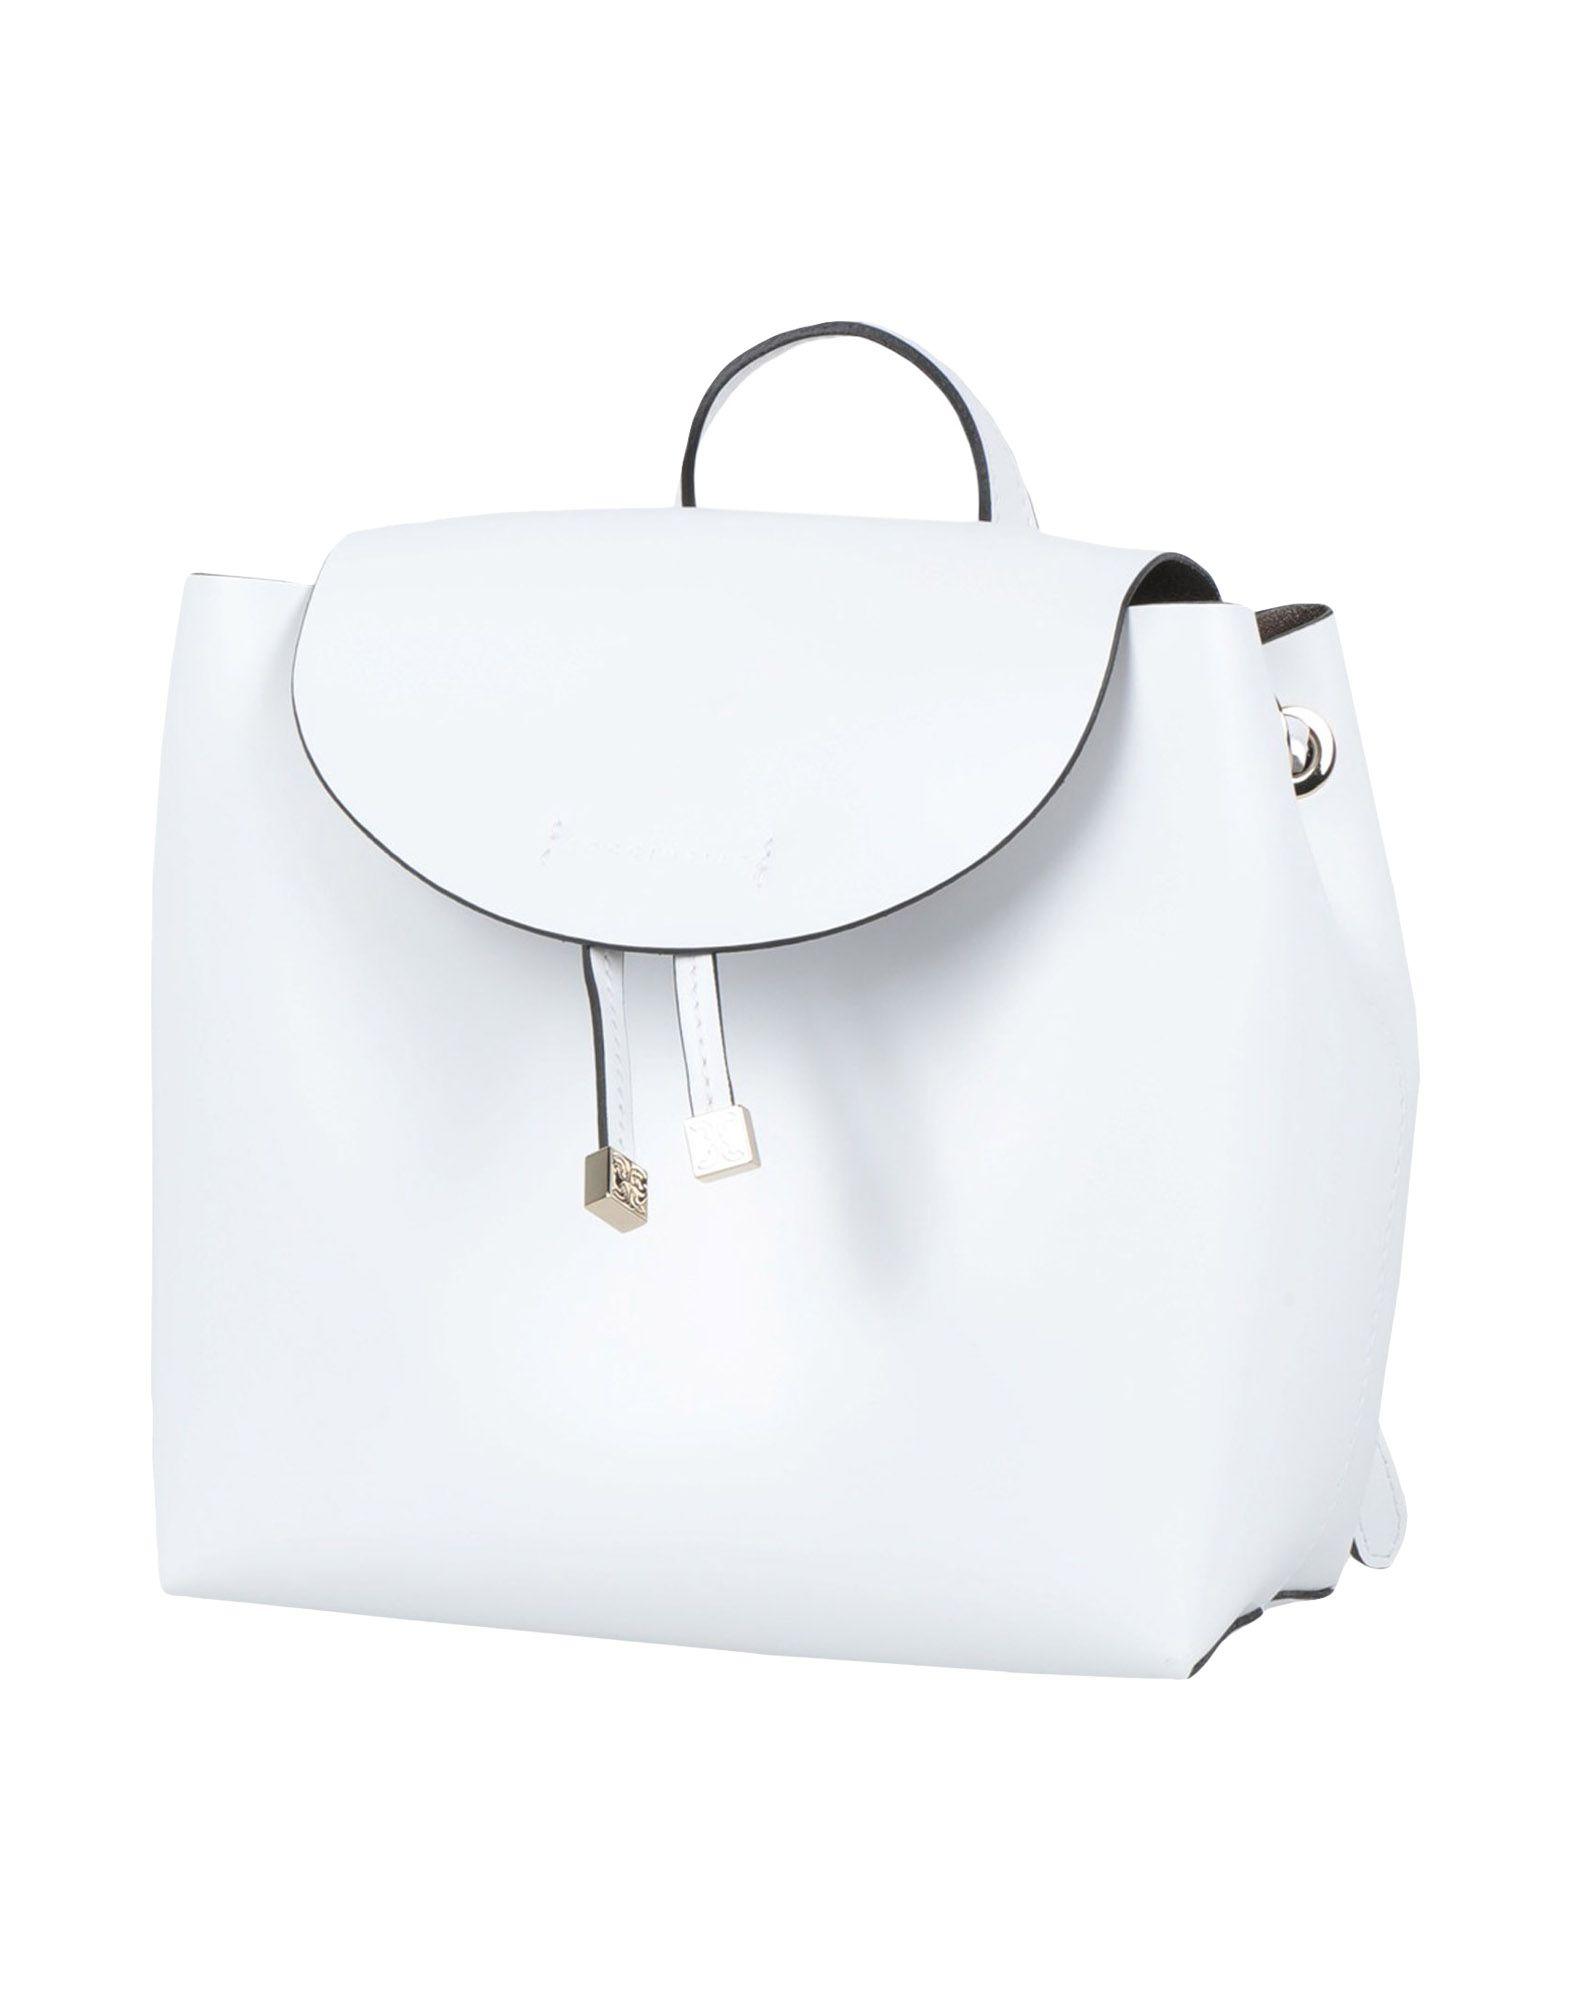 COCCINELLE Рюкзаки и сумки на пояс дизайнер высокое качество натуральная кожа женские винтажные овчины твердые школьные сумки mochilas mujer 2017 рюкзаки для девочек